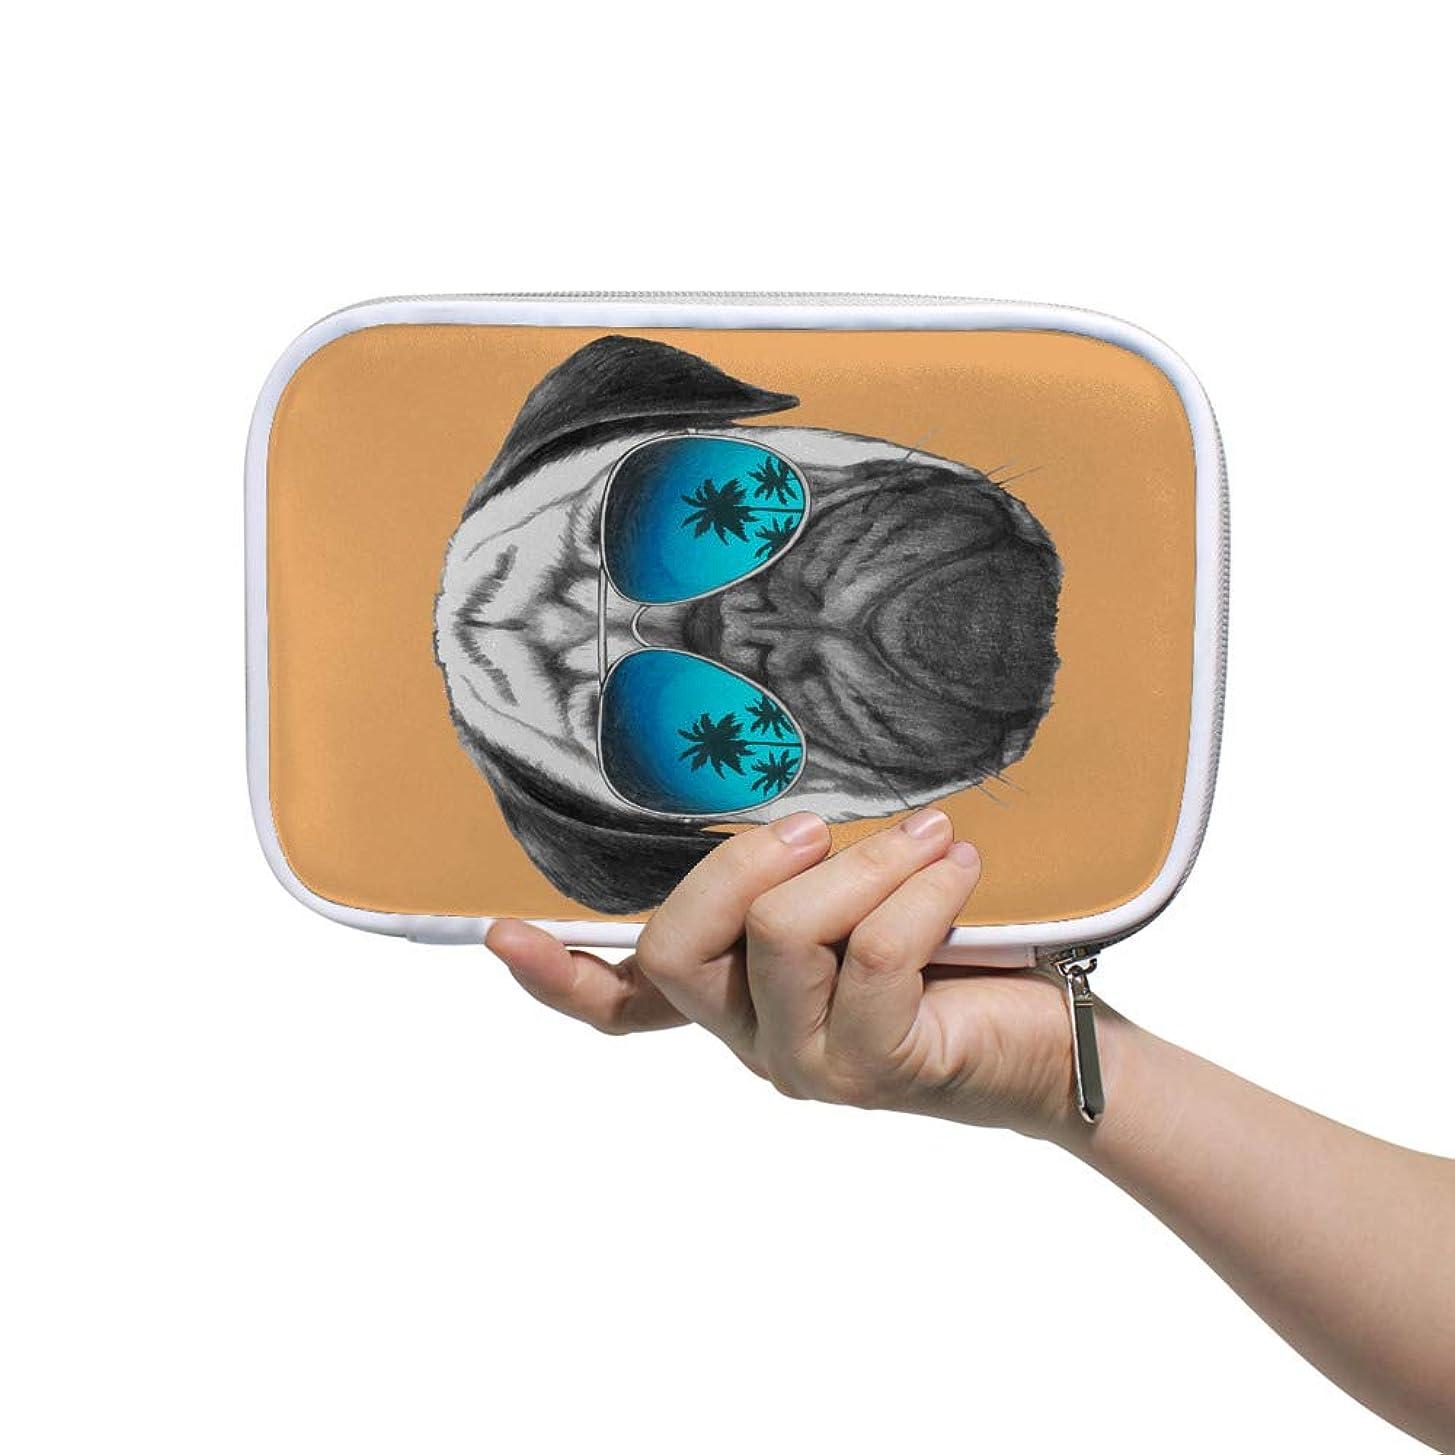 確立肉シールドZHIMI 化粧ポーチ メイクポーチ レディース コンパクト 化粧品収納バッグ 防水 柔らかい おしゃれ コスメケース 可愛い ワンちゃん 犬柄 機能的 軽量 小物入れ 出張 海外旅行グッズ パスポートケースとしても適用